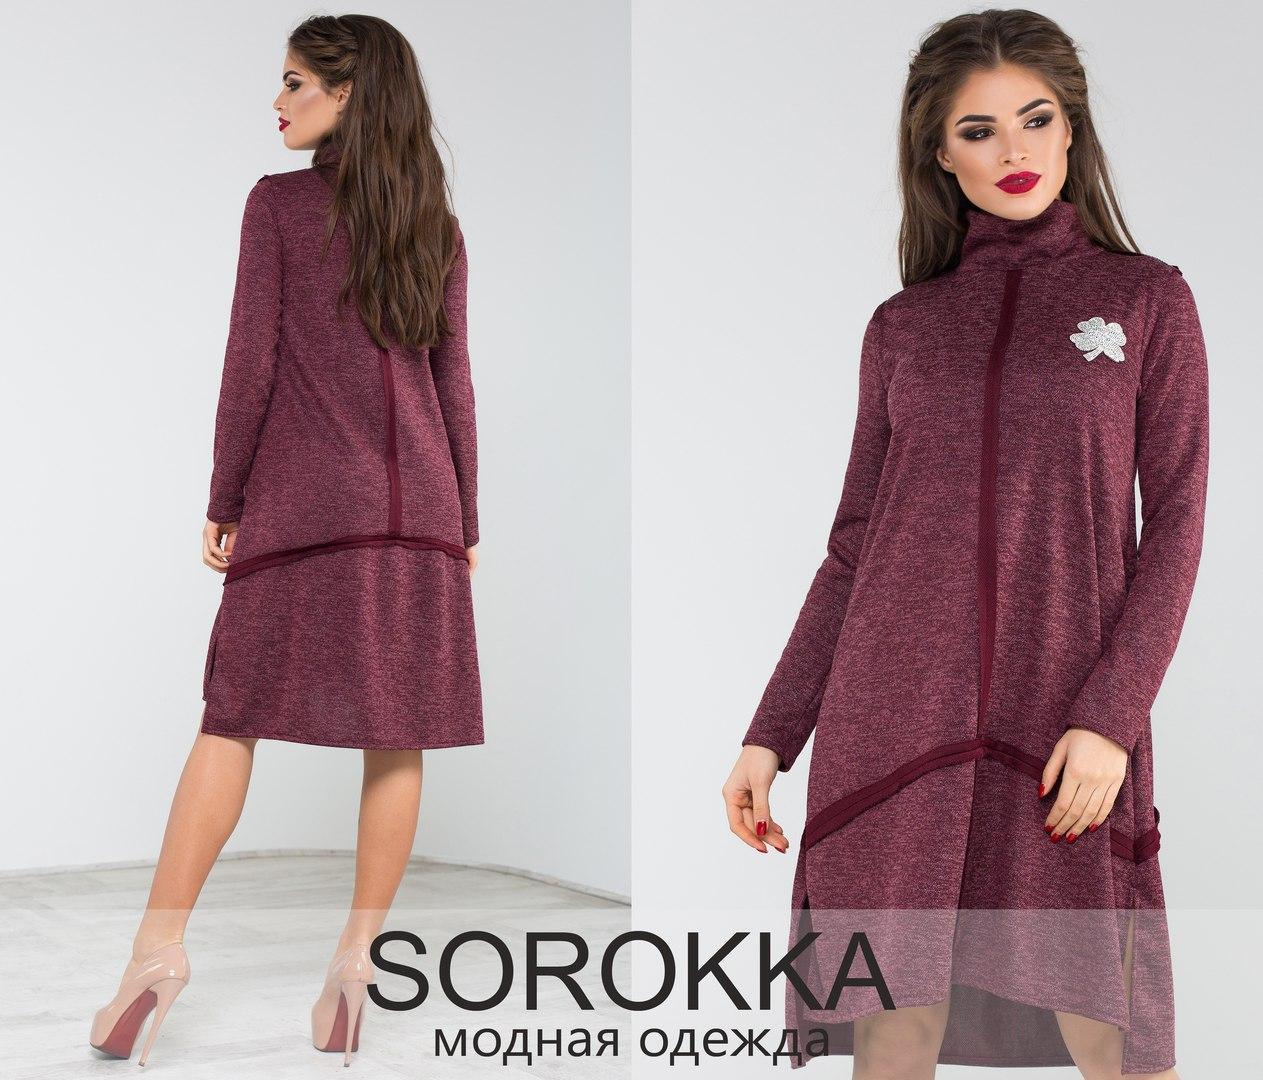 1db25467ec4 Стильное женское платье свободного пошива размеры  42-44